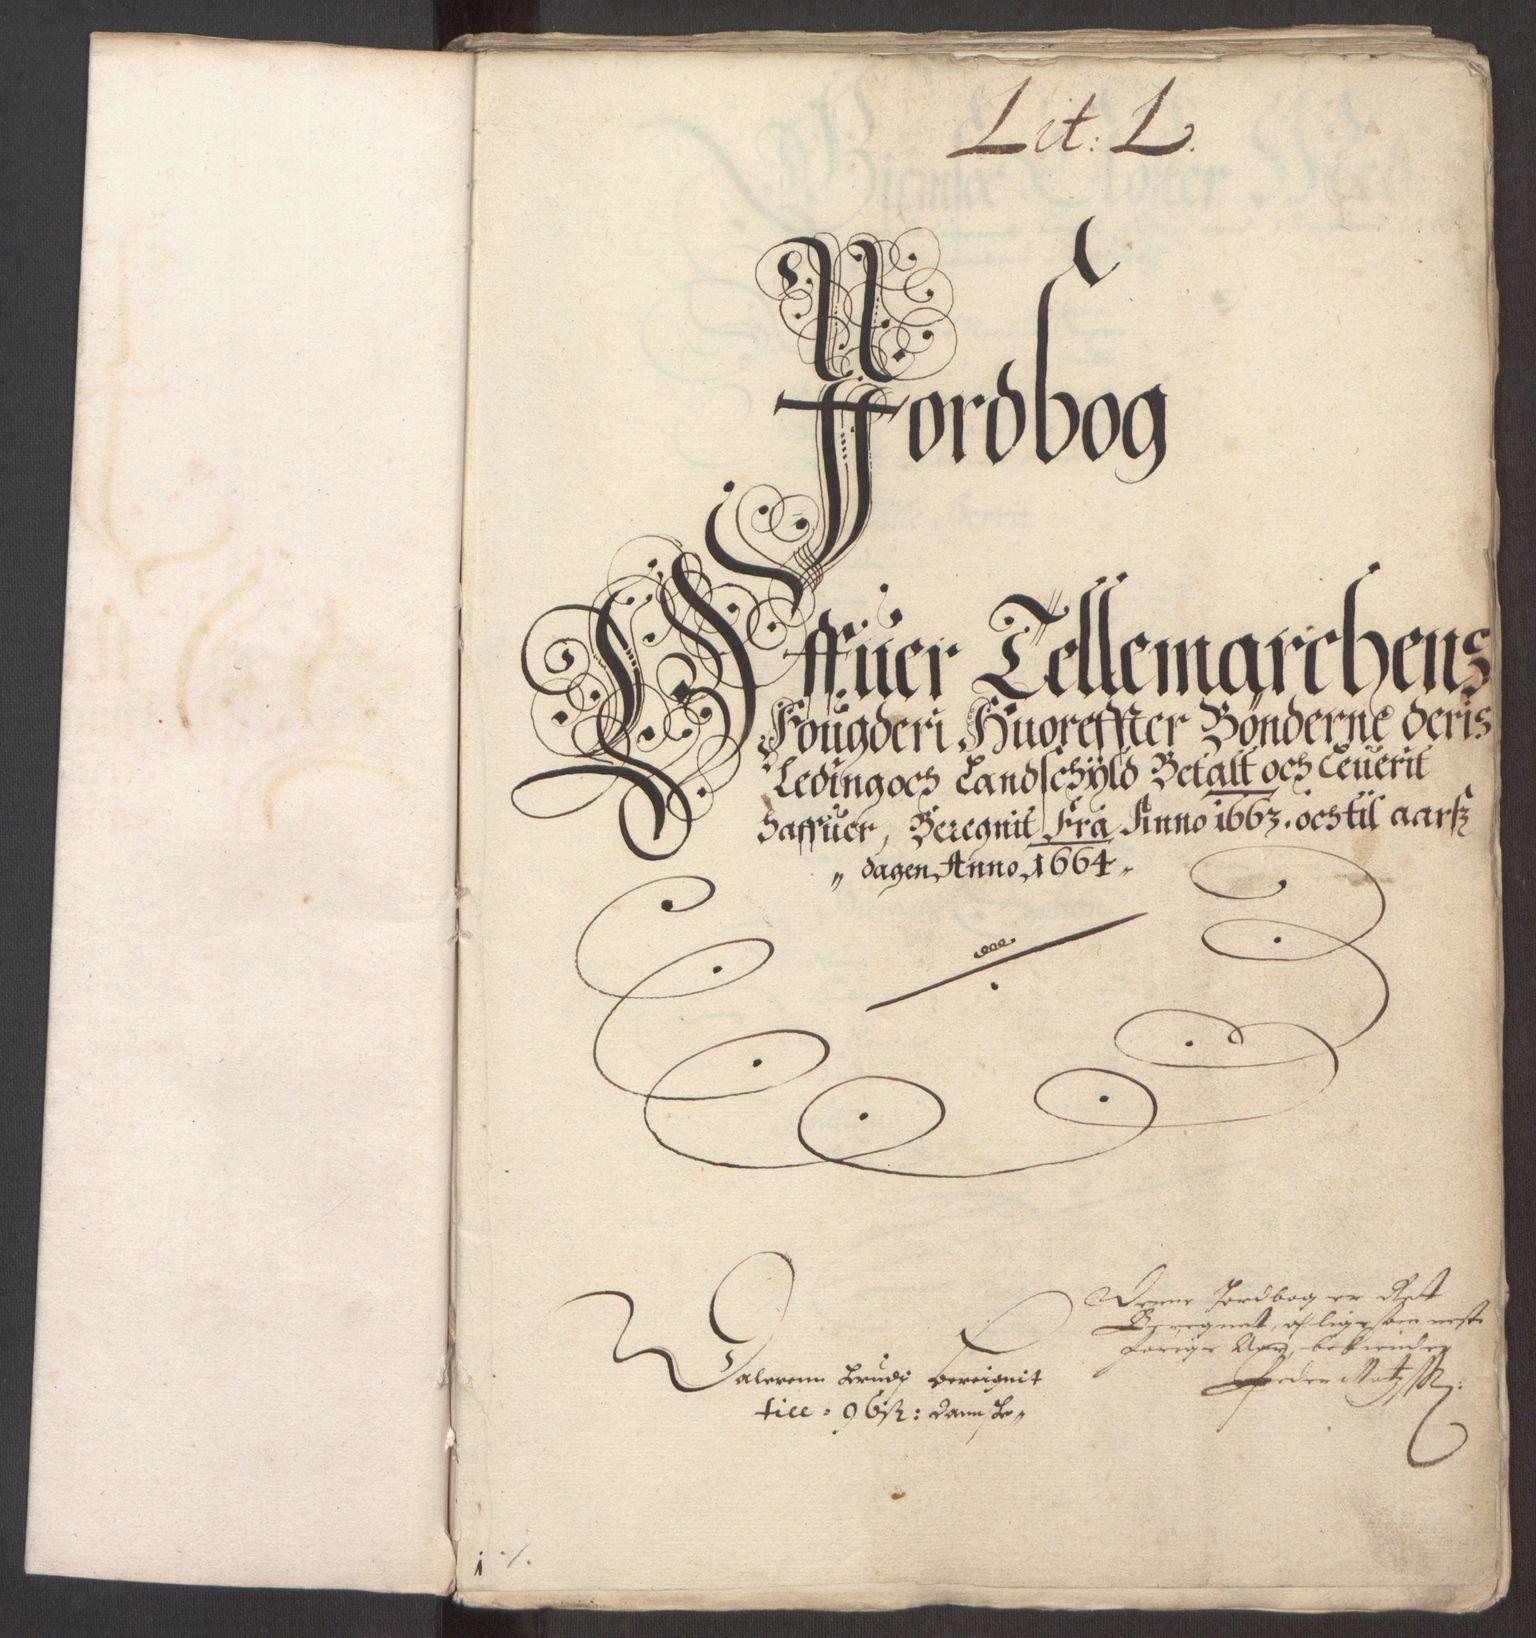 RA, Rentekammeret inntil 1814, Reviderte regnskaper, Fogderegnskap, R35/L2054: Fogderegnskap Øvre og Nedre Telemark, 1662-1663, s. 316